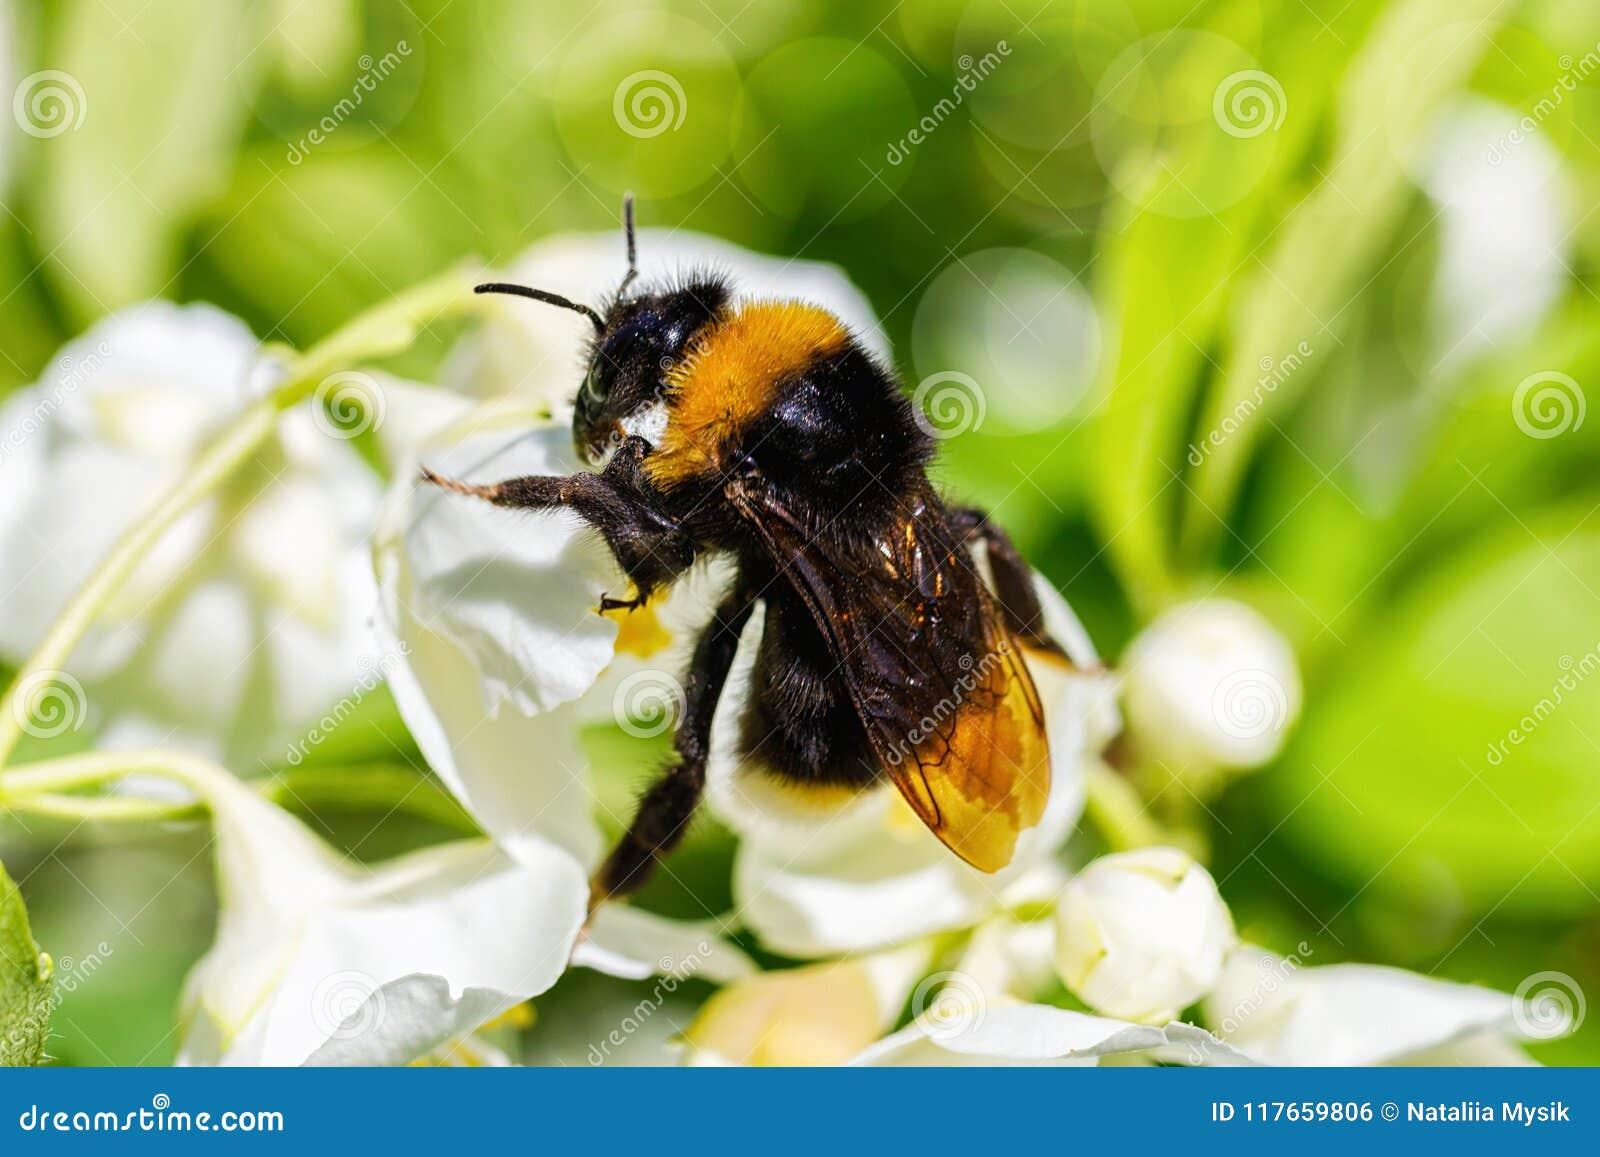 official photos 4917d 508d6 Hummel, Die Eine Weiße Blume Bestäubt Stockfoto - Bild von ...